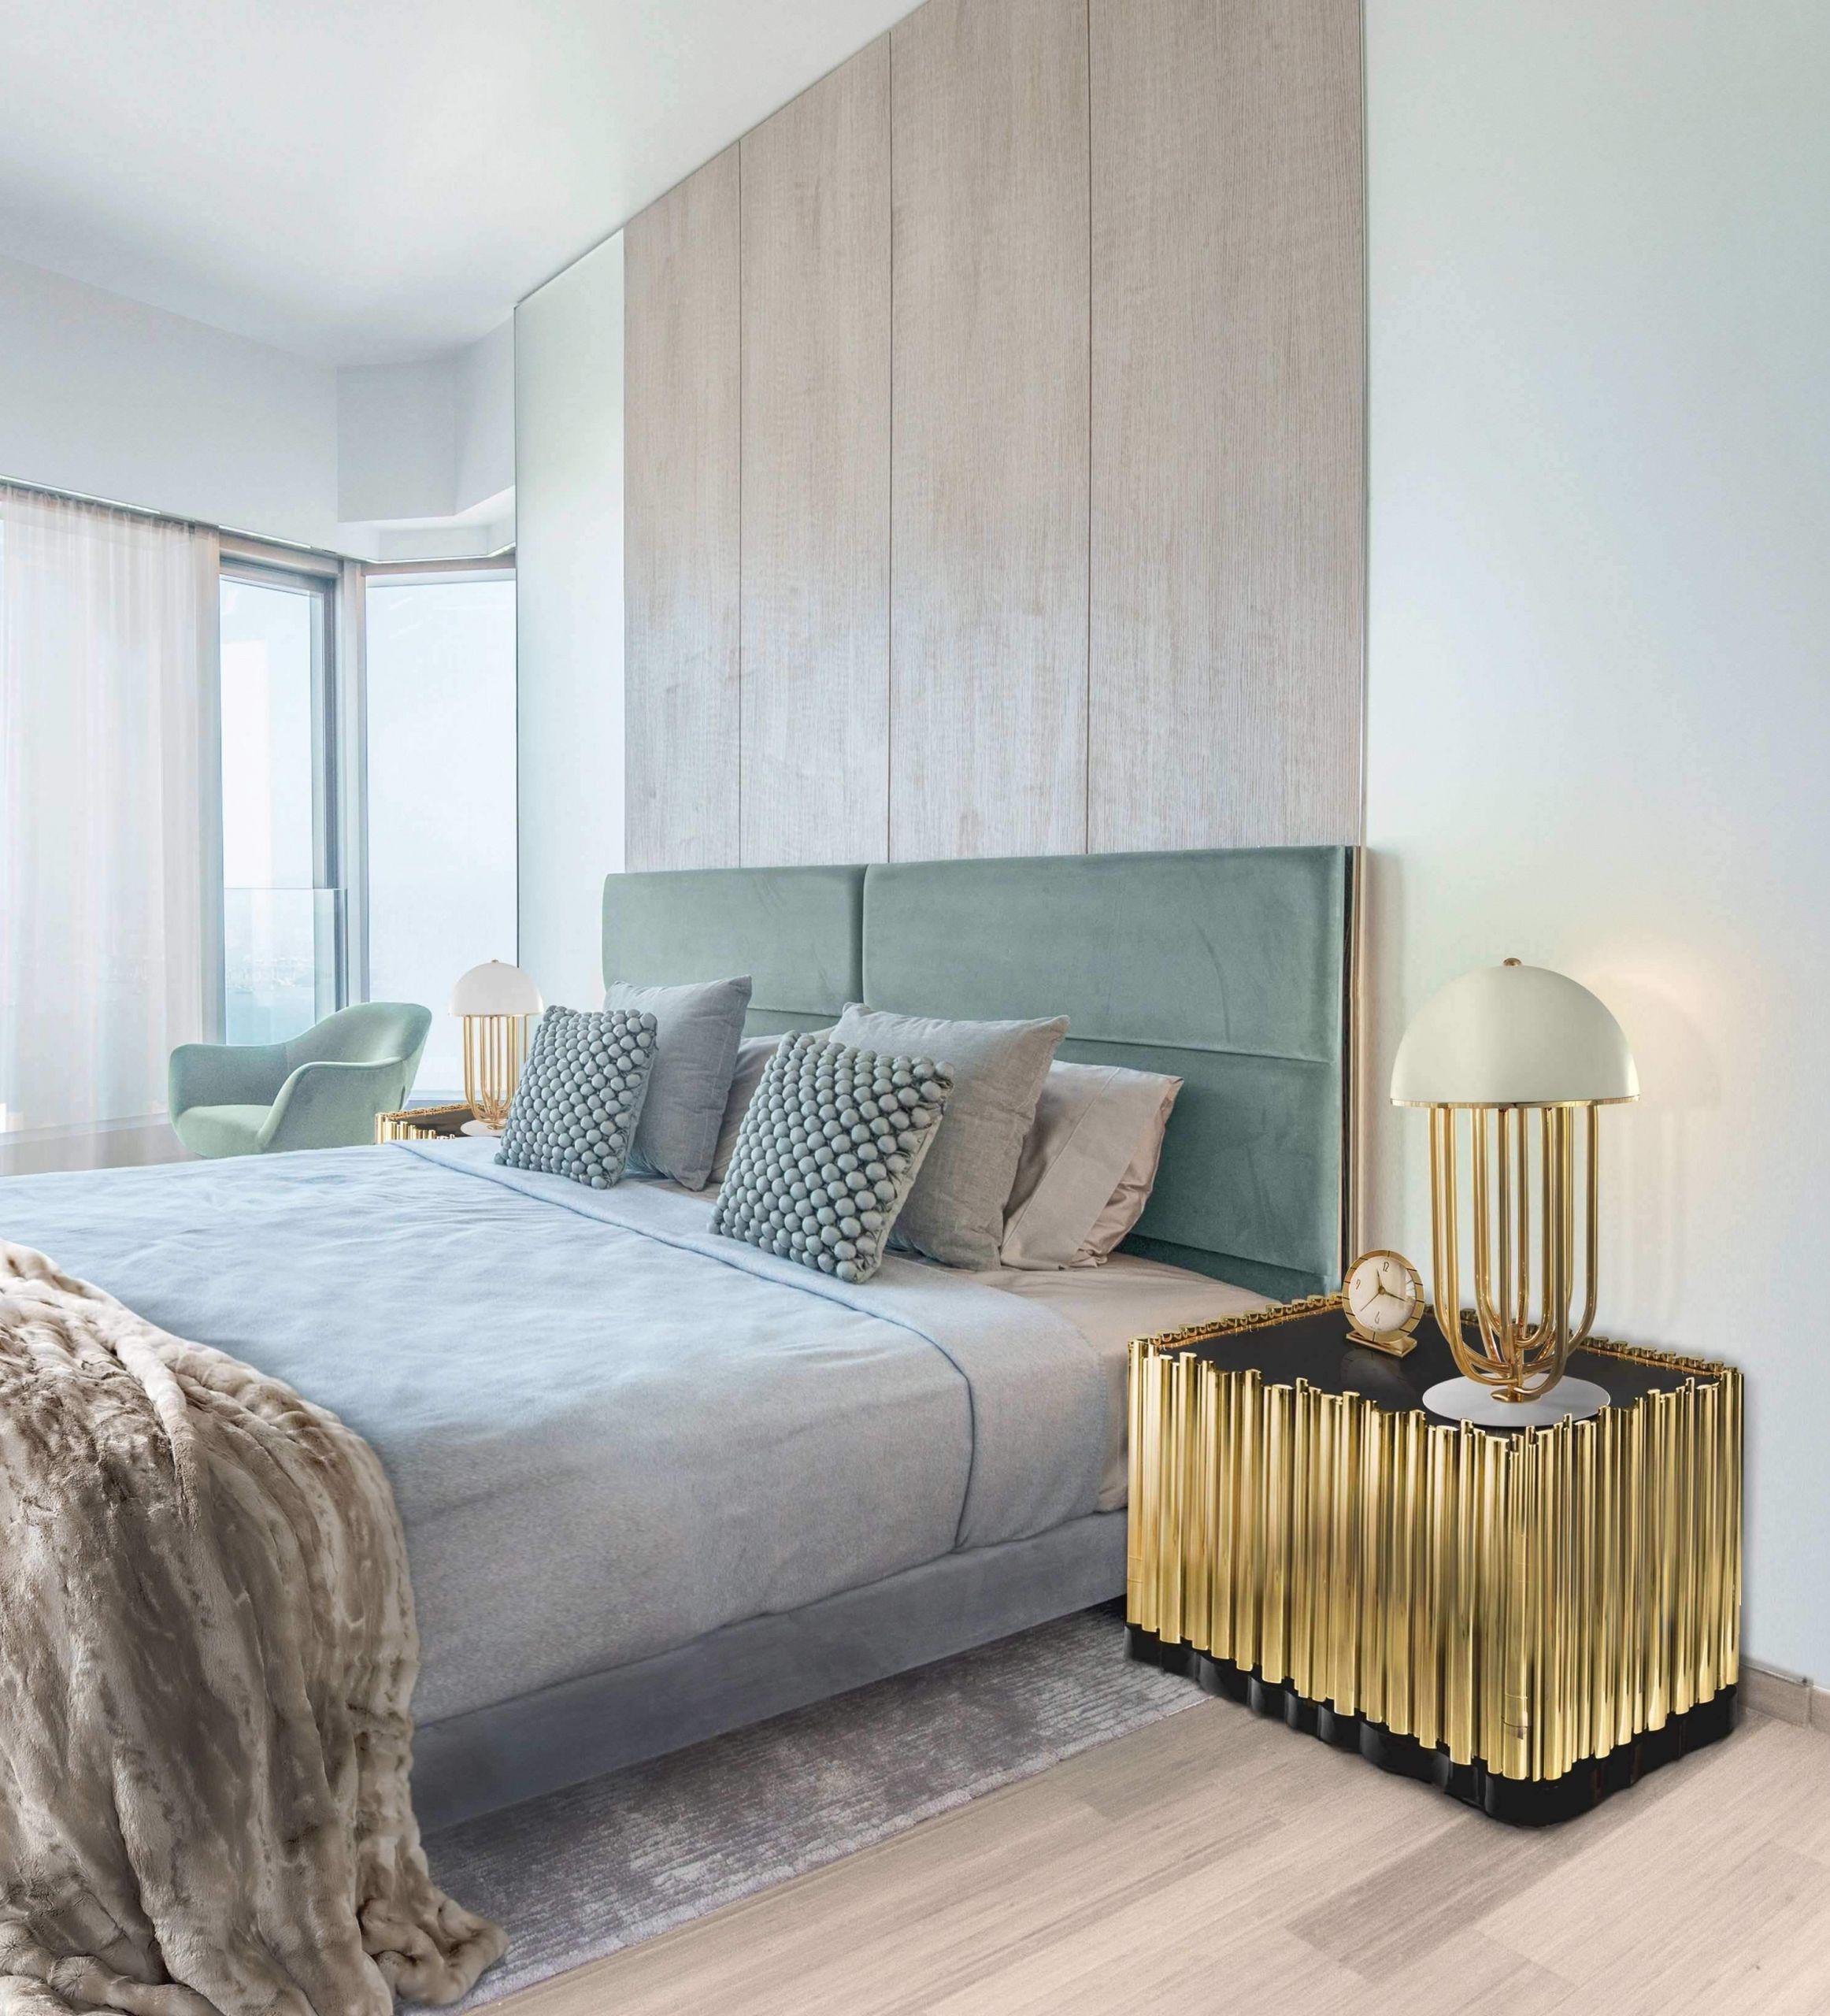 dekoration wohnzimmer regal das beste von 50 beste von wohnzimmer regale design planen of dekoration wohnzimmer regal scaled